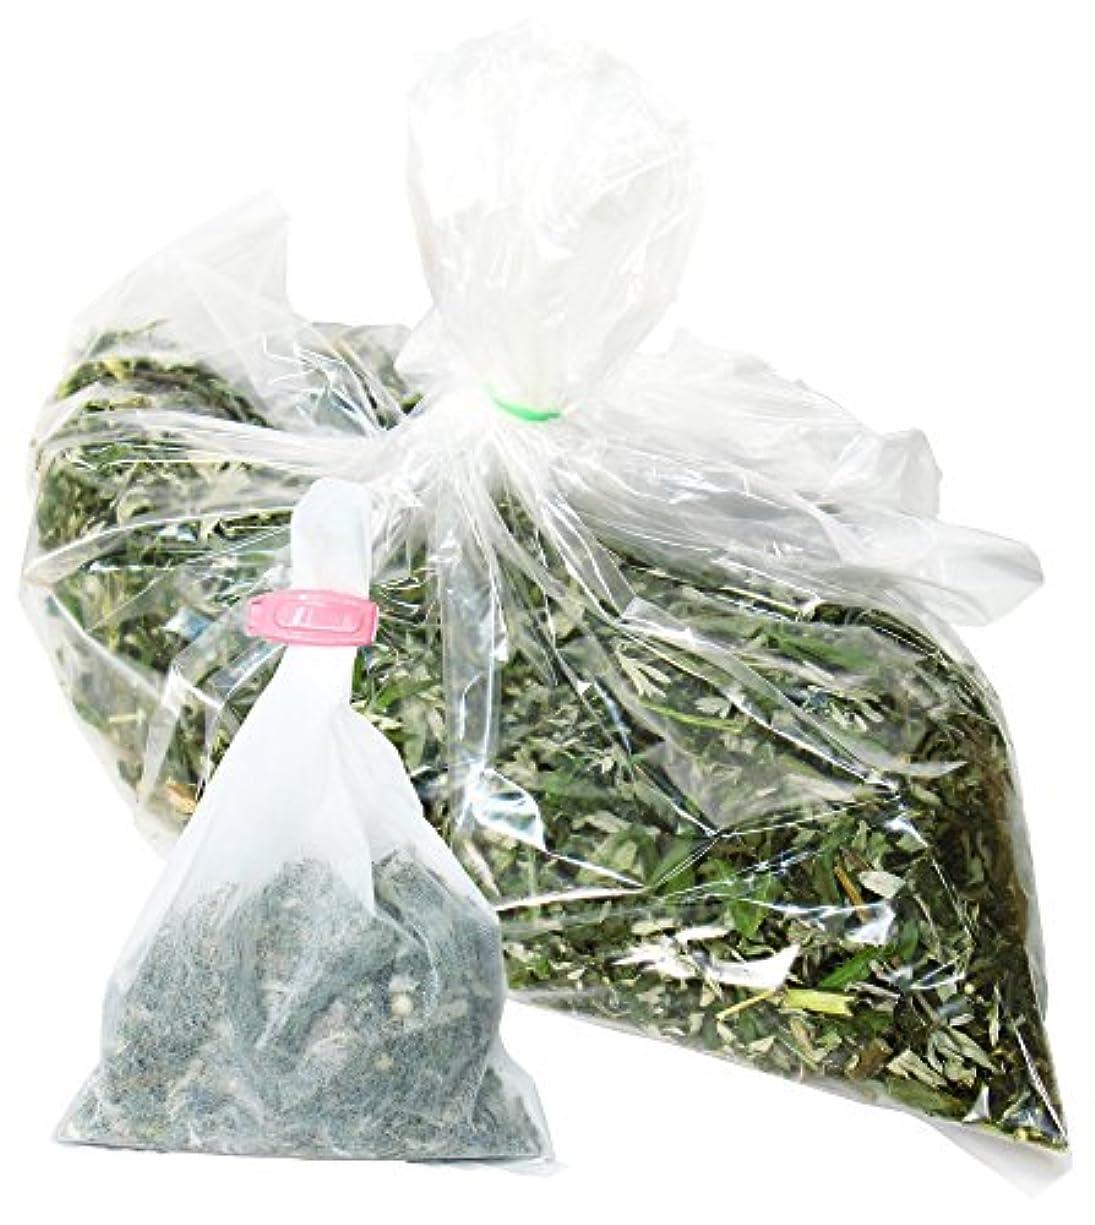 許容傾向があります欲しいです自然健康社 よもぎ蒸しのよもぎ 250g 乾燥刻み 煮出し袋10枚付